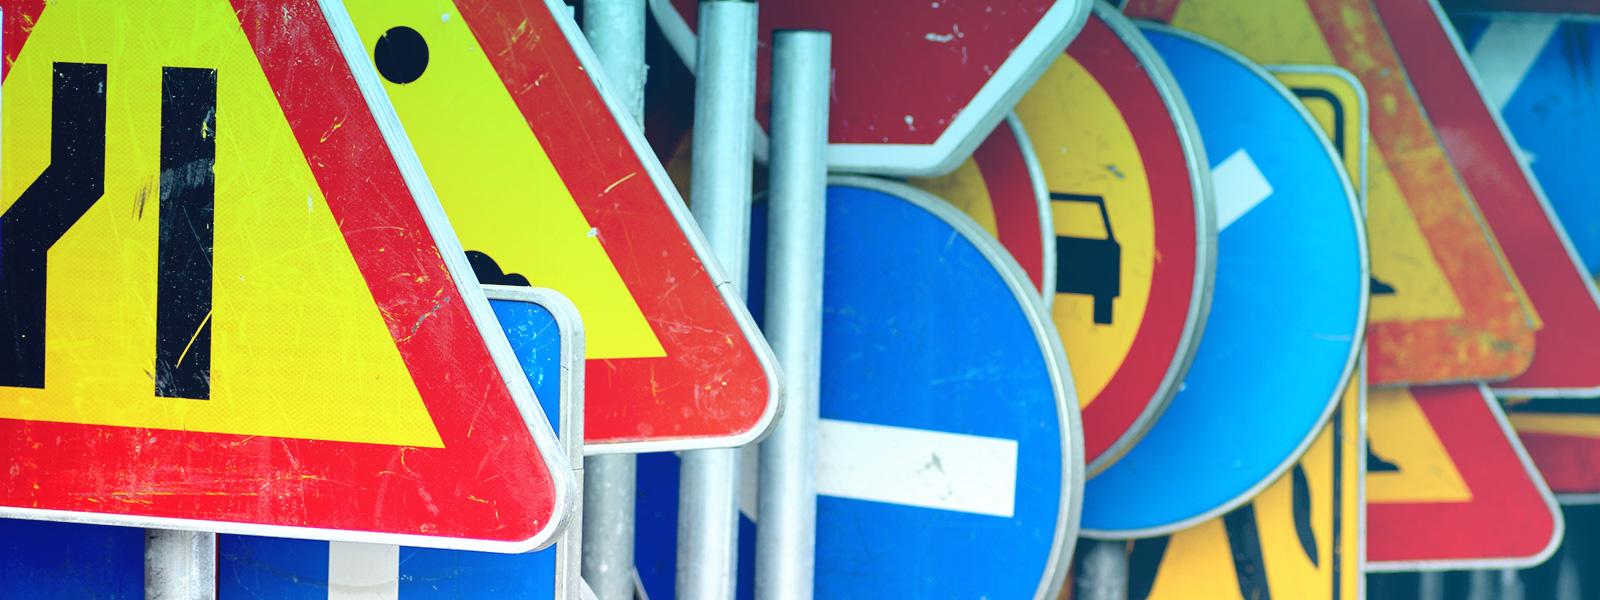 Testando a sua memória: significado das placas de trânsito